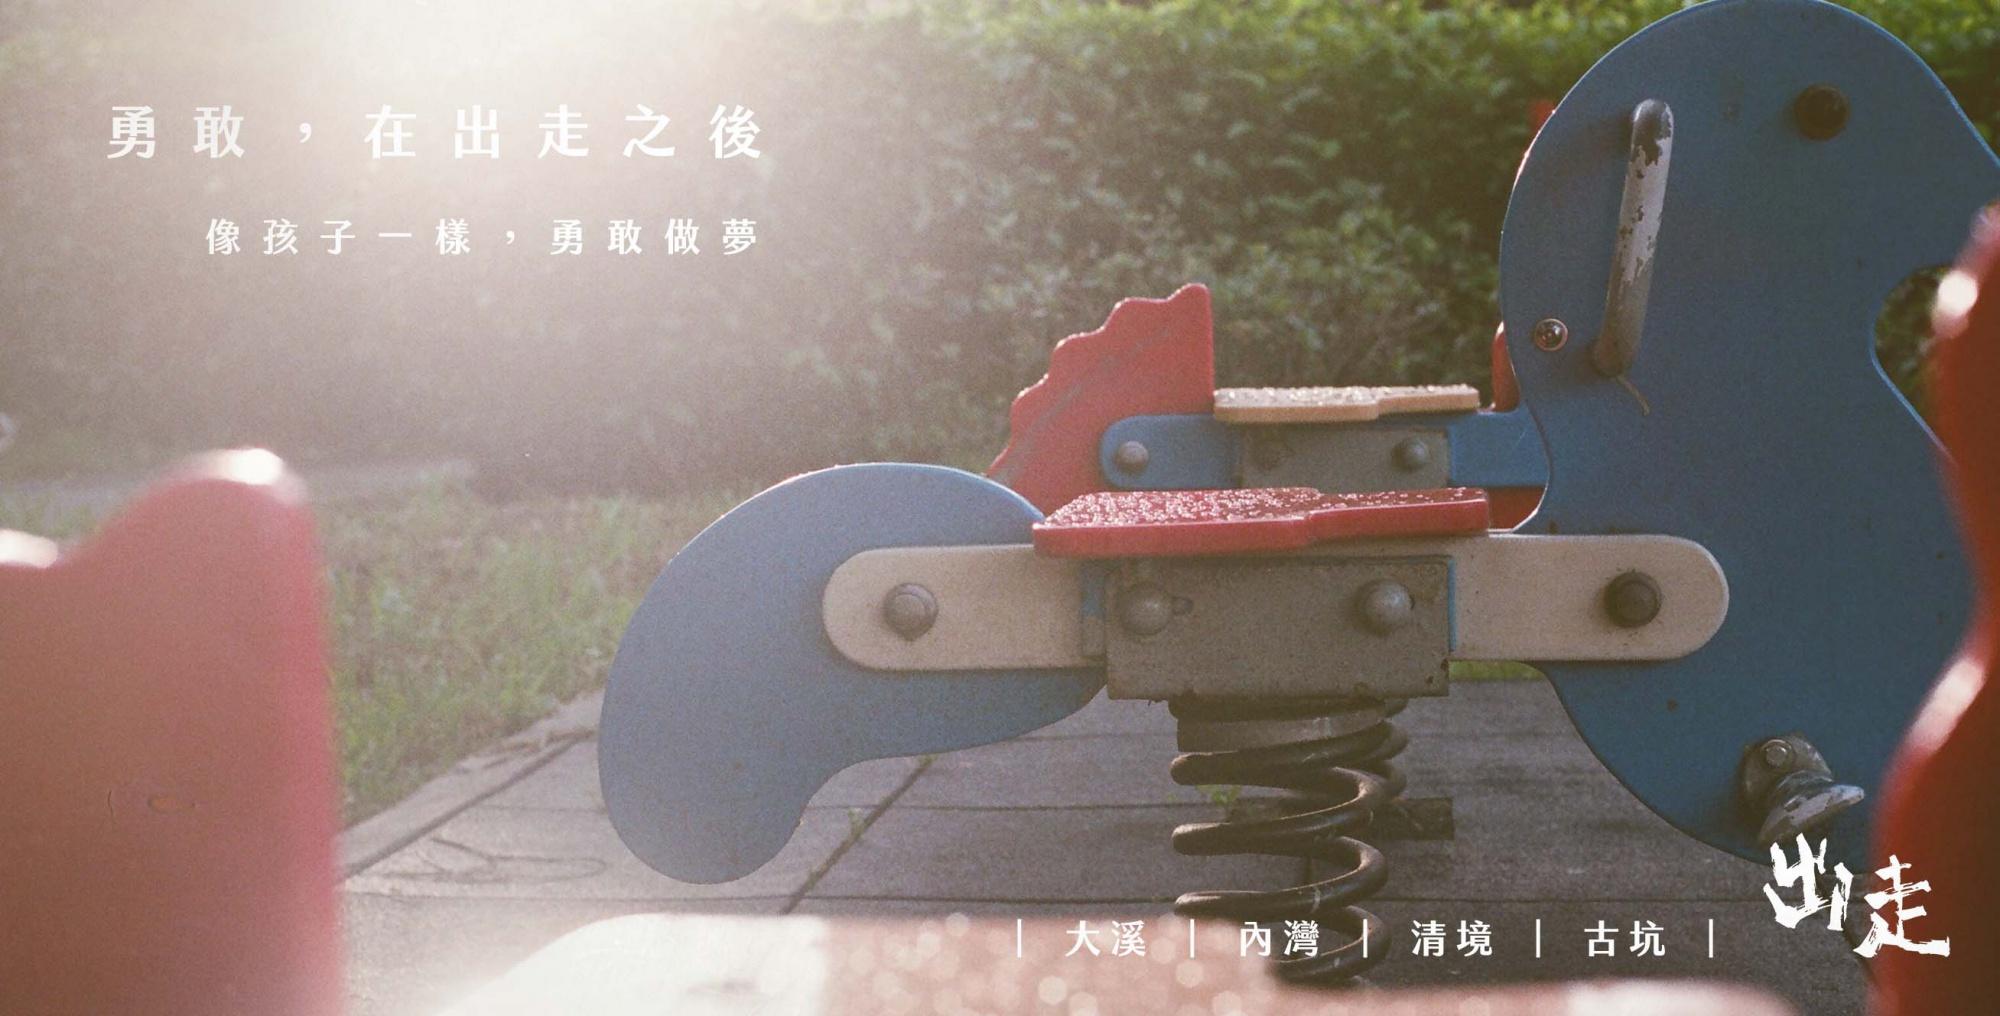 出走練習第43-46期視覺-fb.jpg